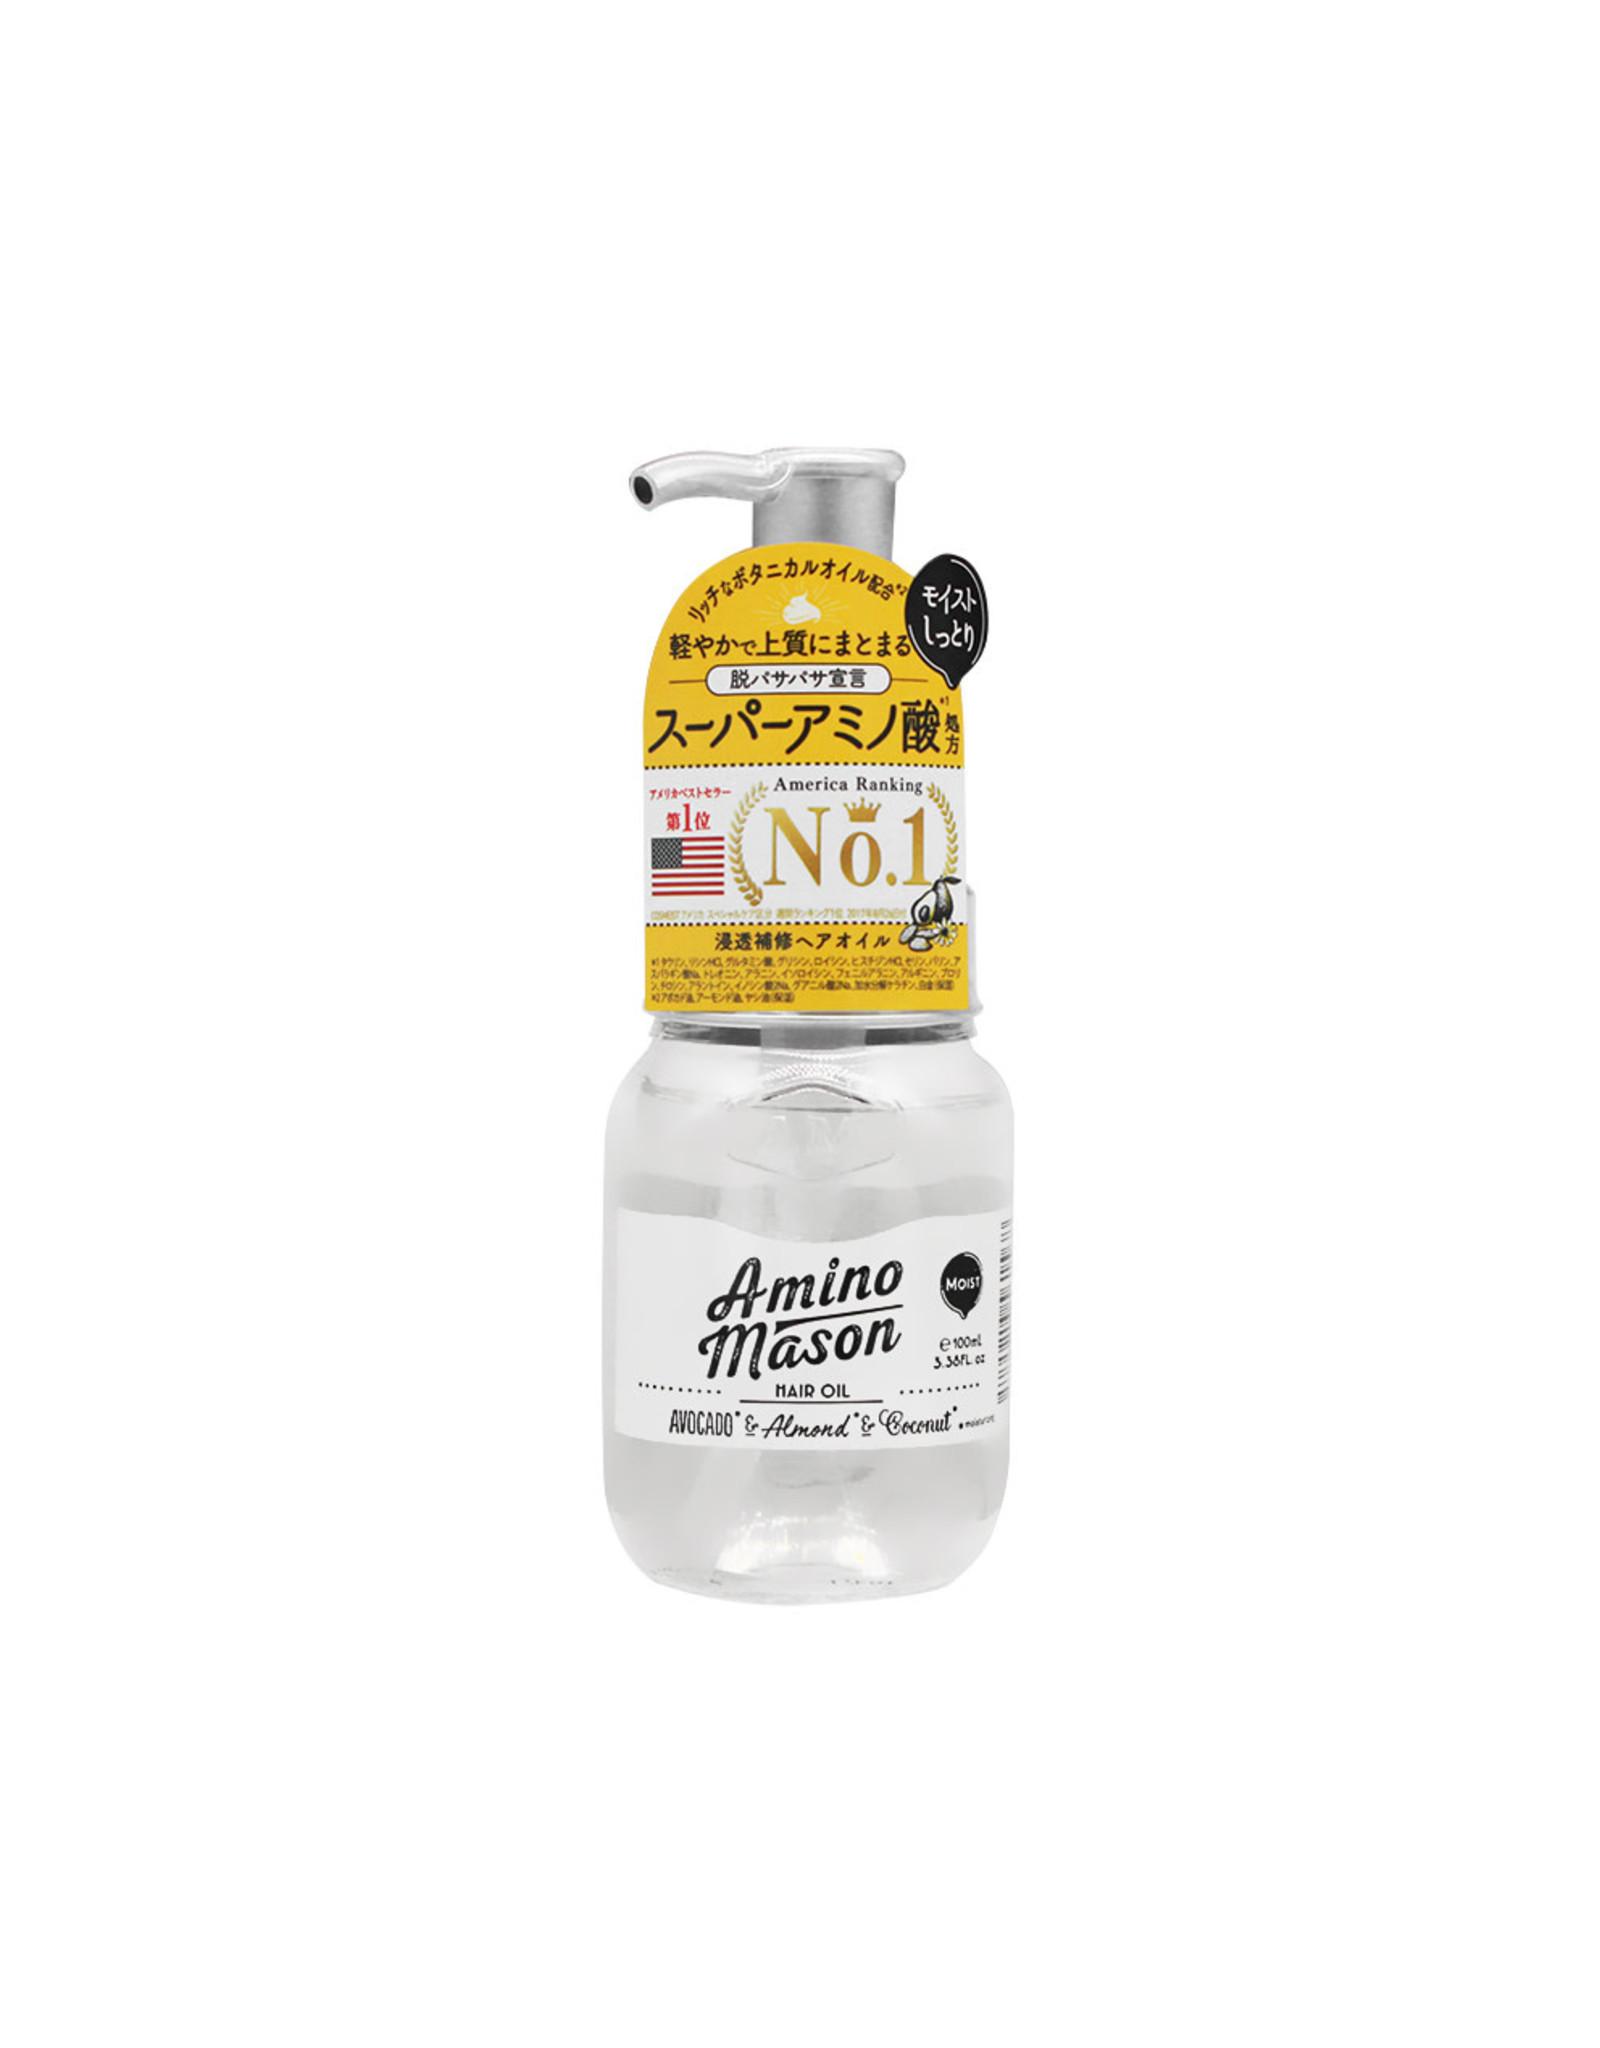 Amino Mason Amino Mason Moist Hair Oil